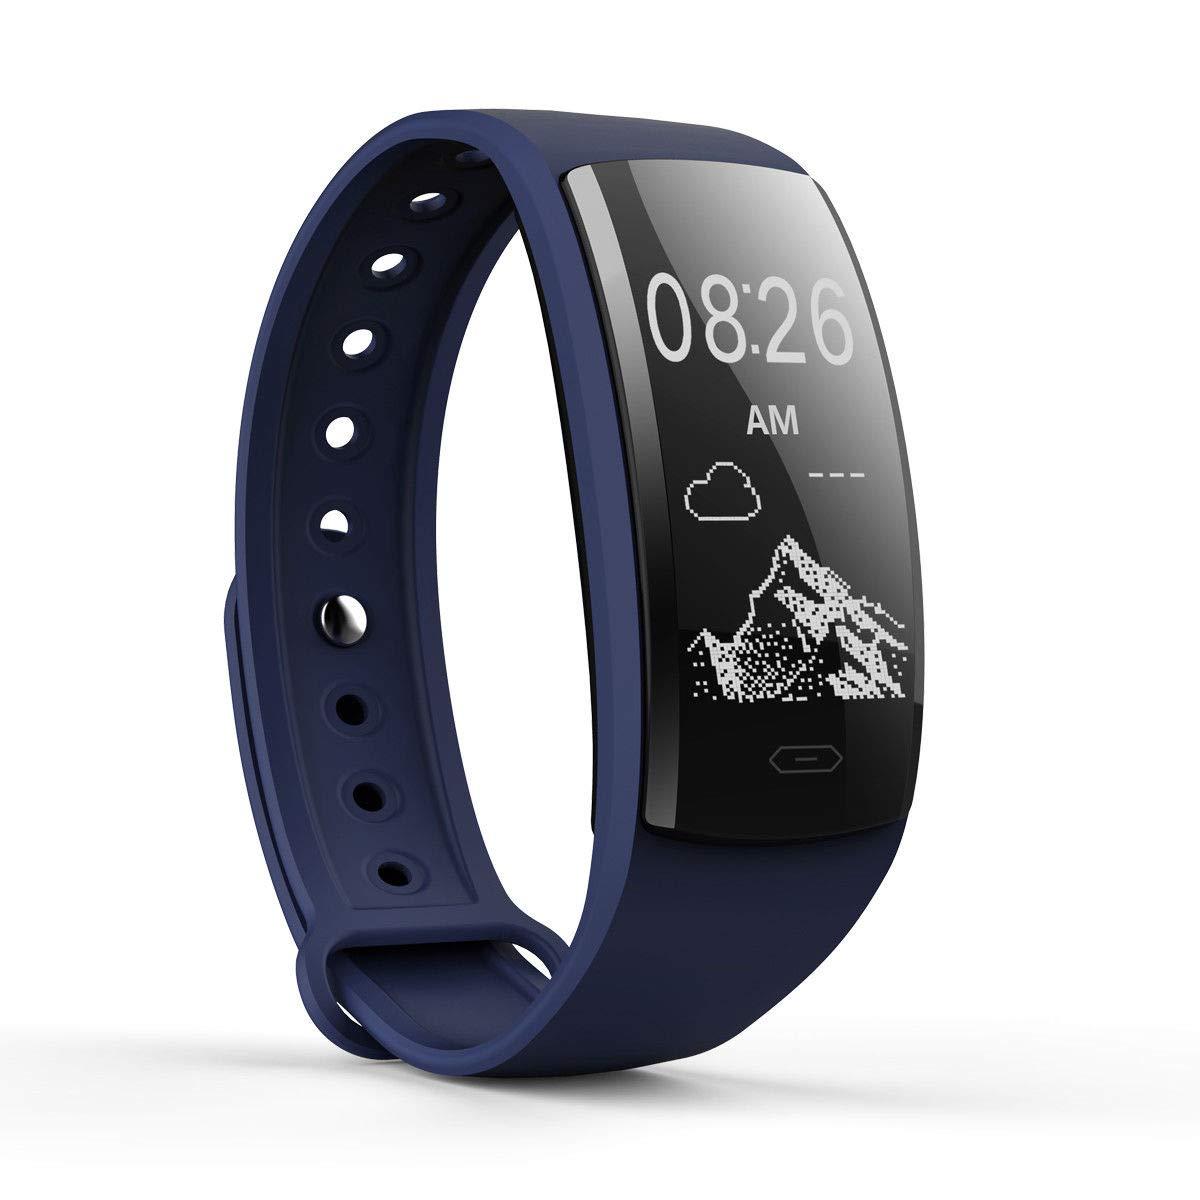 Amazon.com: FidgetGear Waterproof Sports Smart Watch ...